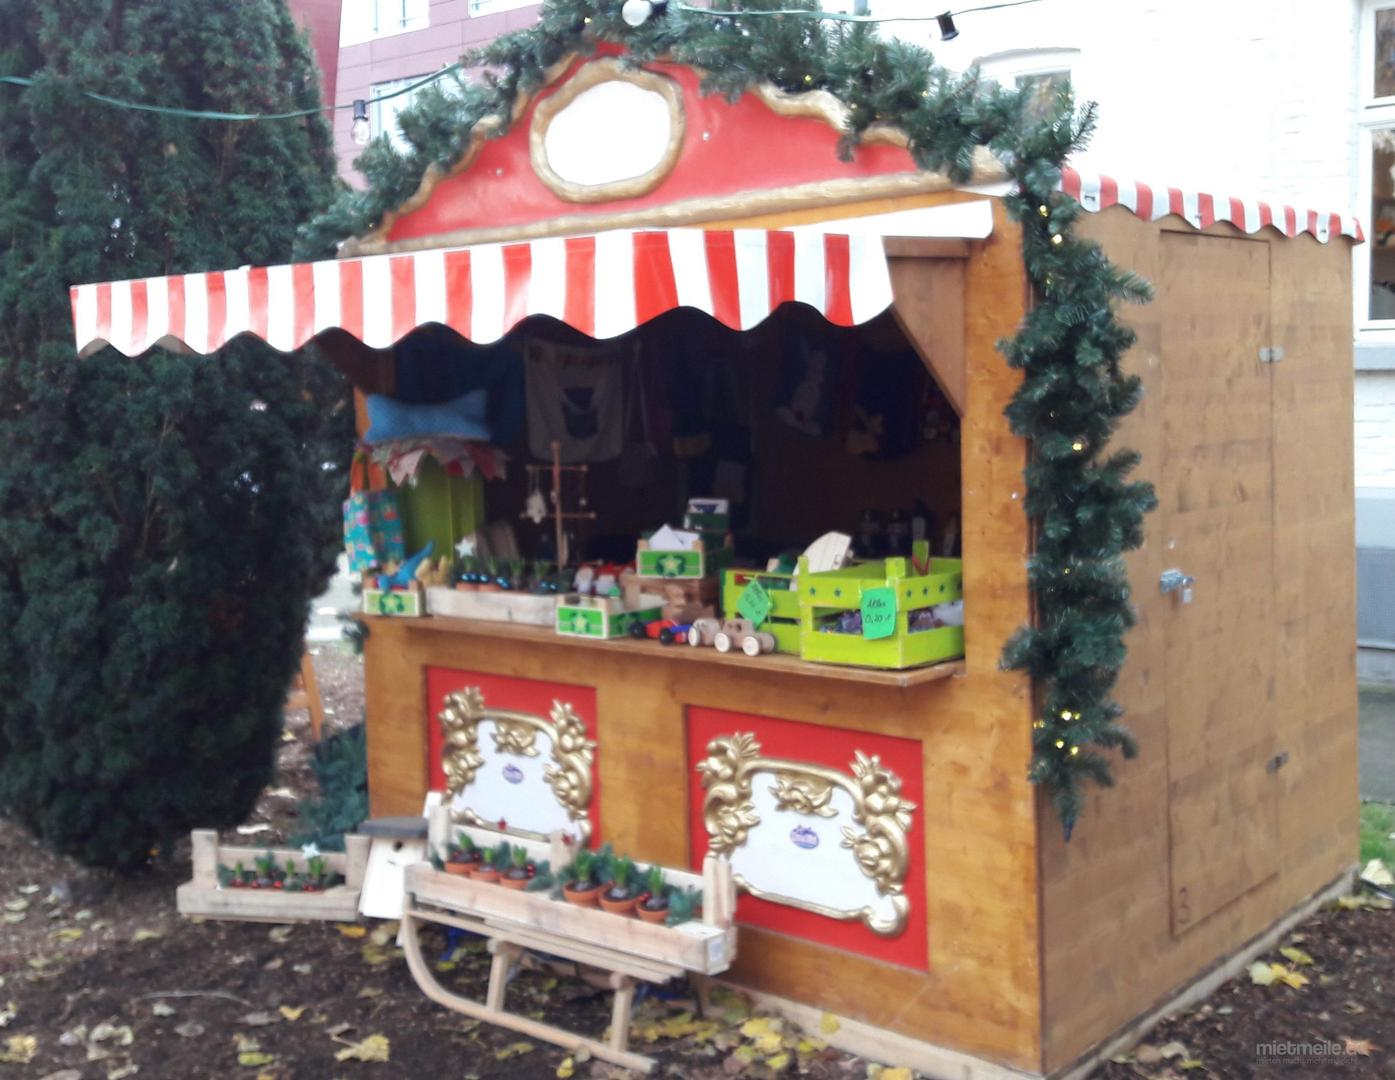 Karussell mieten & vermieten - Karussell für Weihnachtsmarkt oder Weihnachtsfeier in Düsseldorf